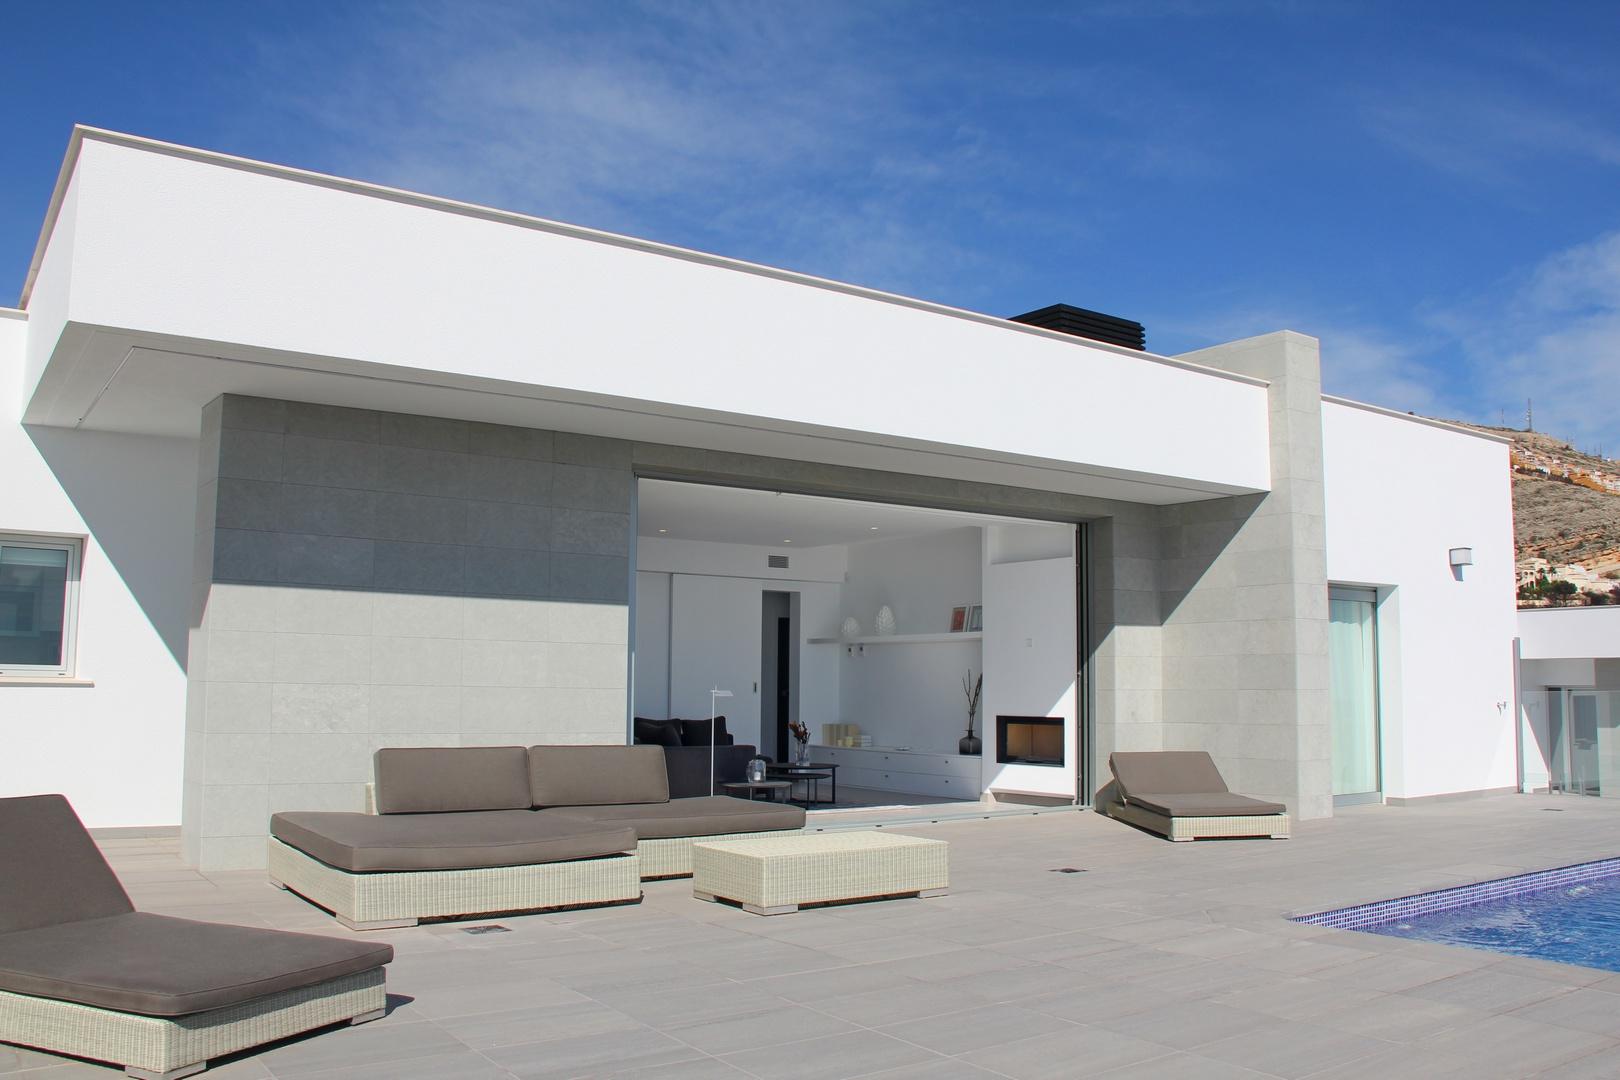 3 bedroom villa For Sale in Cumbre Del Sol - photograph 1